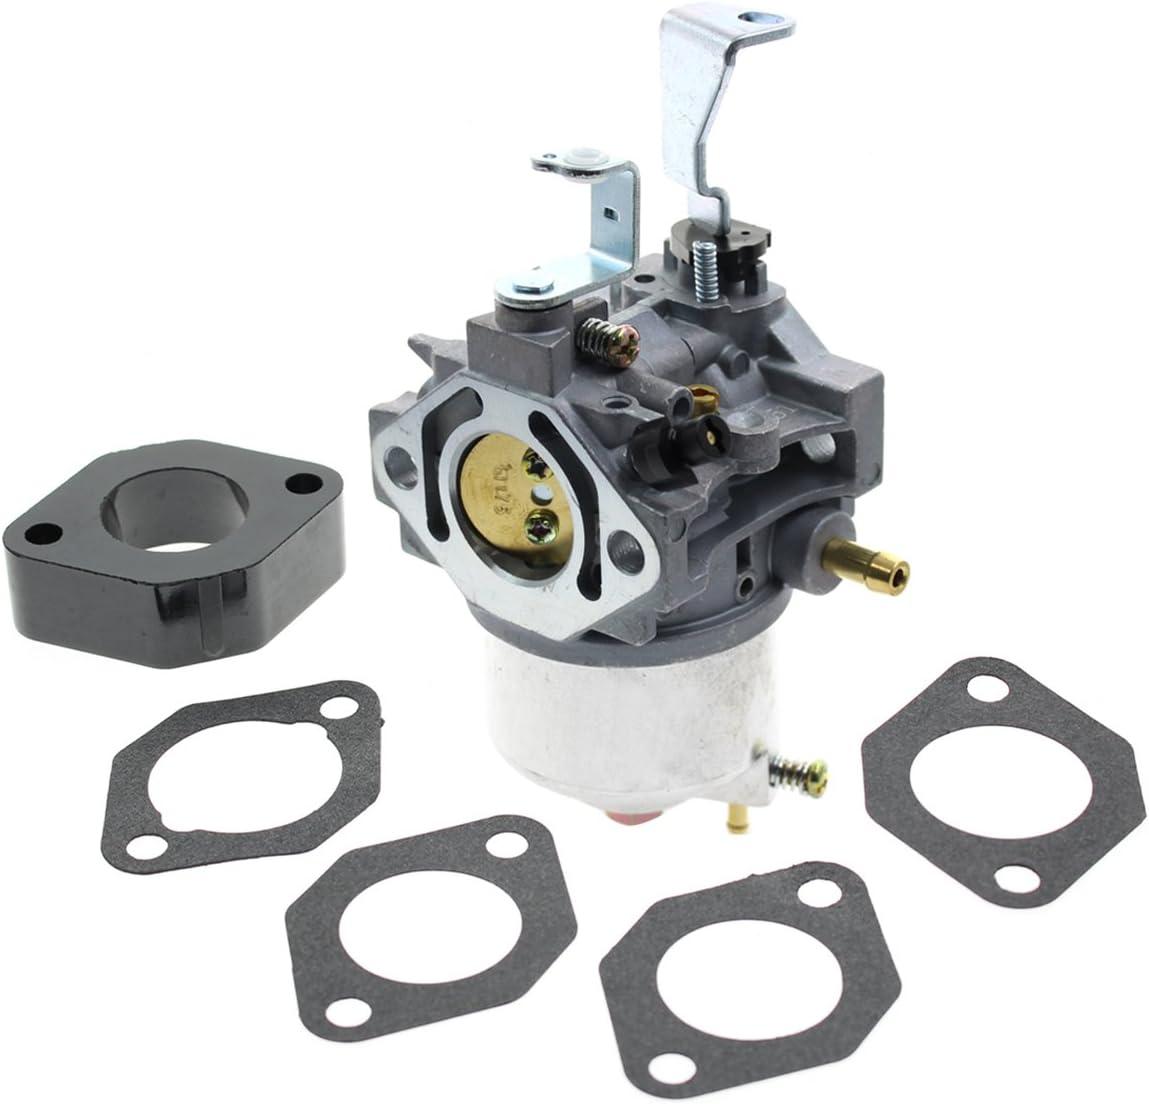 Carbhub 715670 Carburetor for Briggs & Stratton 715670 715442 715312 185432-0614-E1 185432-0037-01